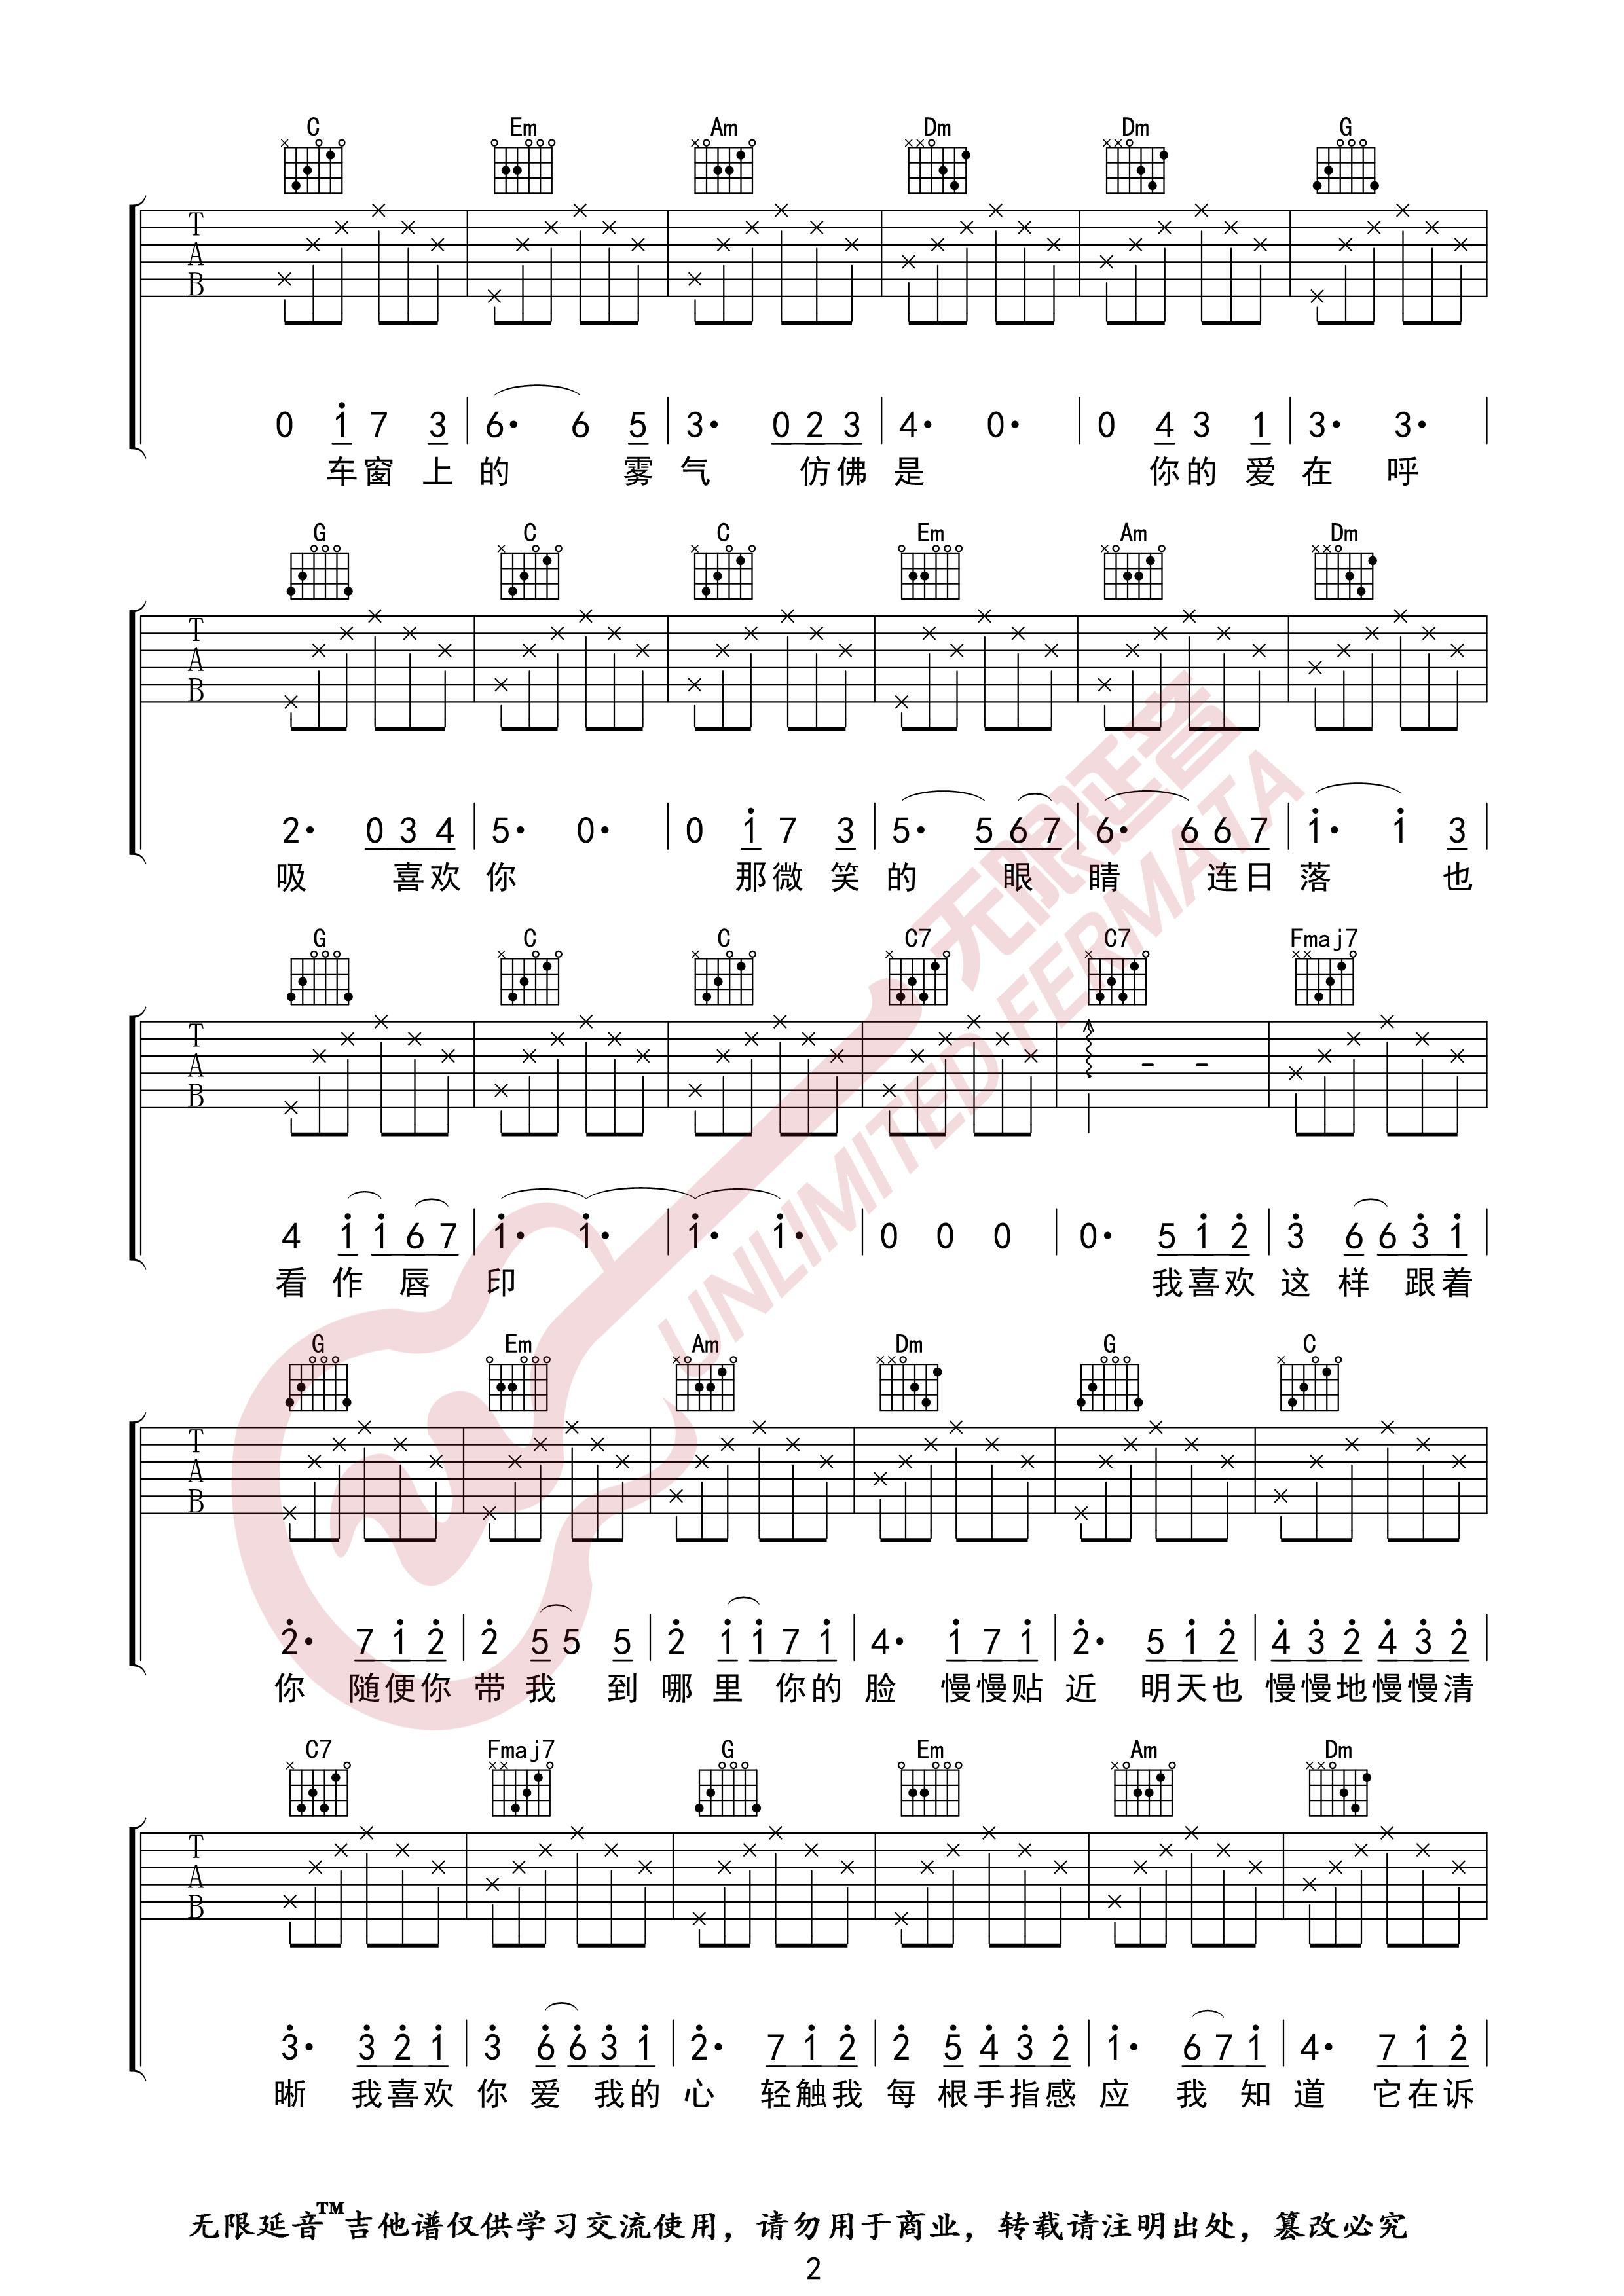 喜欢你(无限延音编配)吉他谱(图片谱,无限延音编配,弹唱)_陈洁仪_喜欢你02.jpg